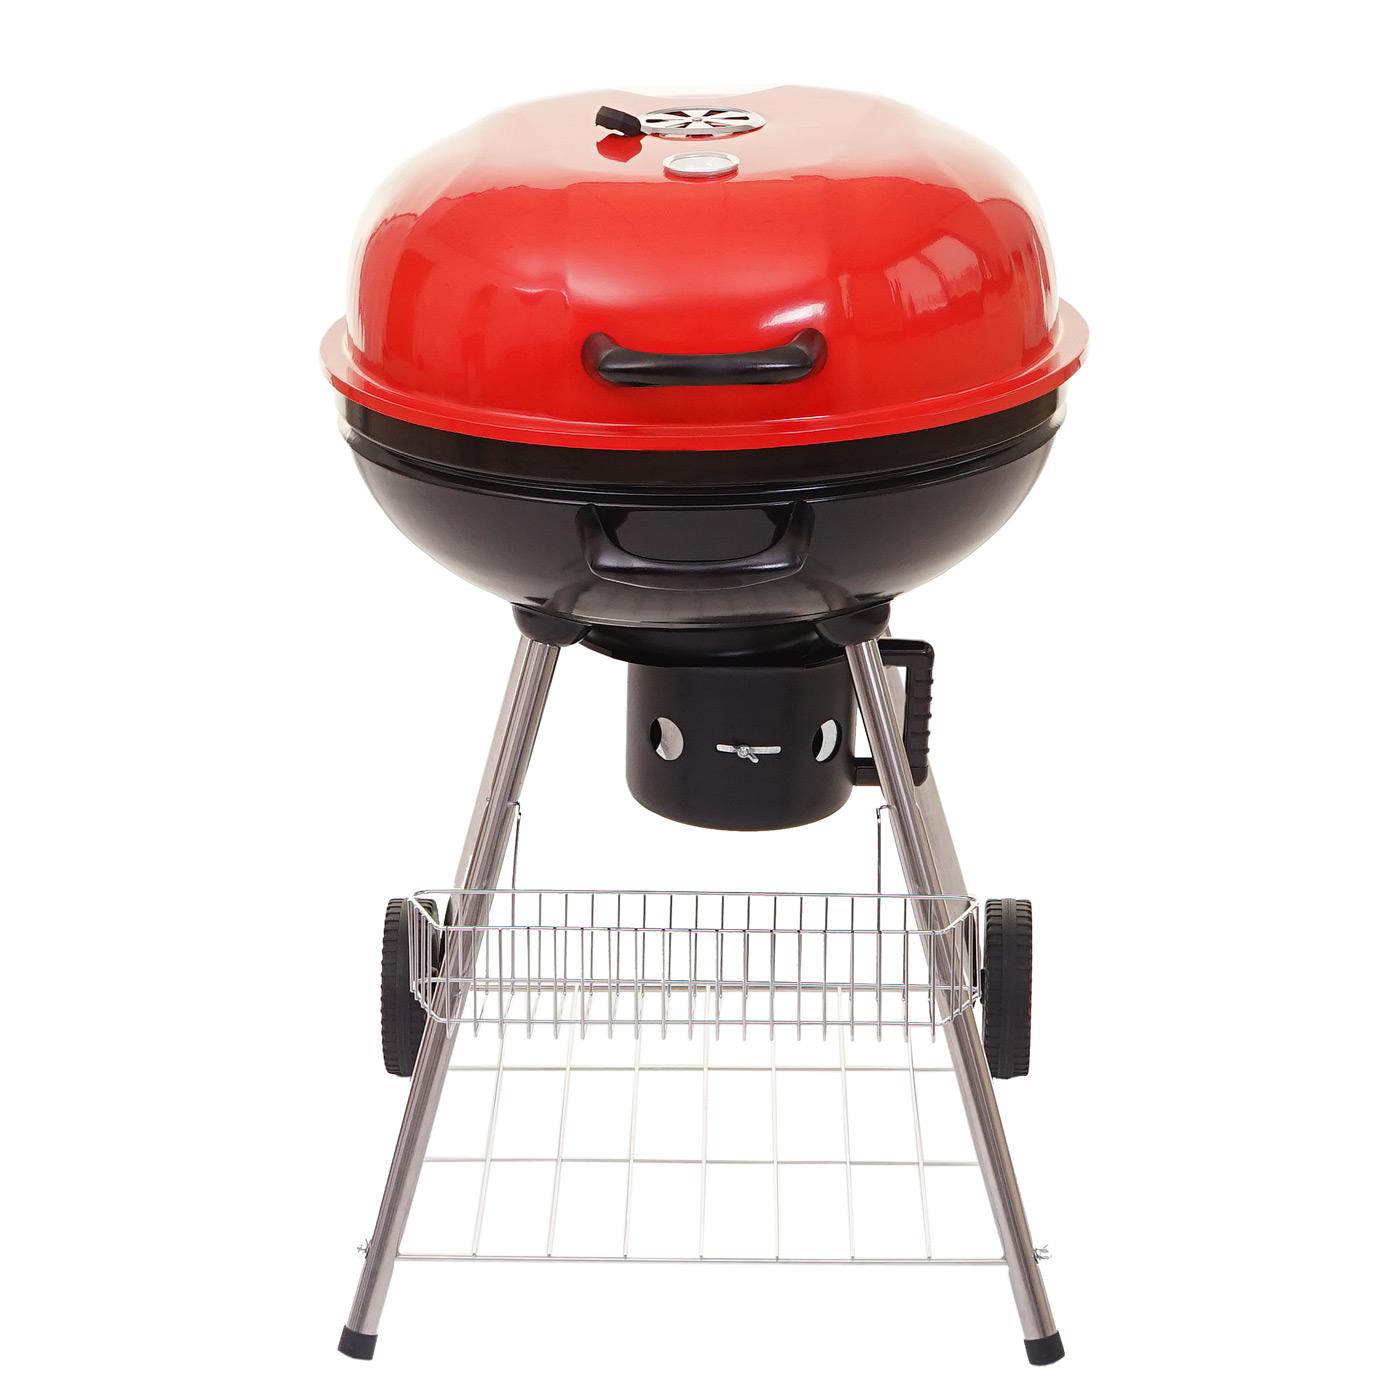 Kugelgrill abilene holzkohle grill 54cm grillfl che for Grill holzkohle